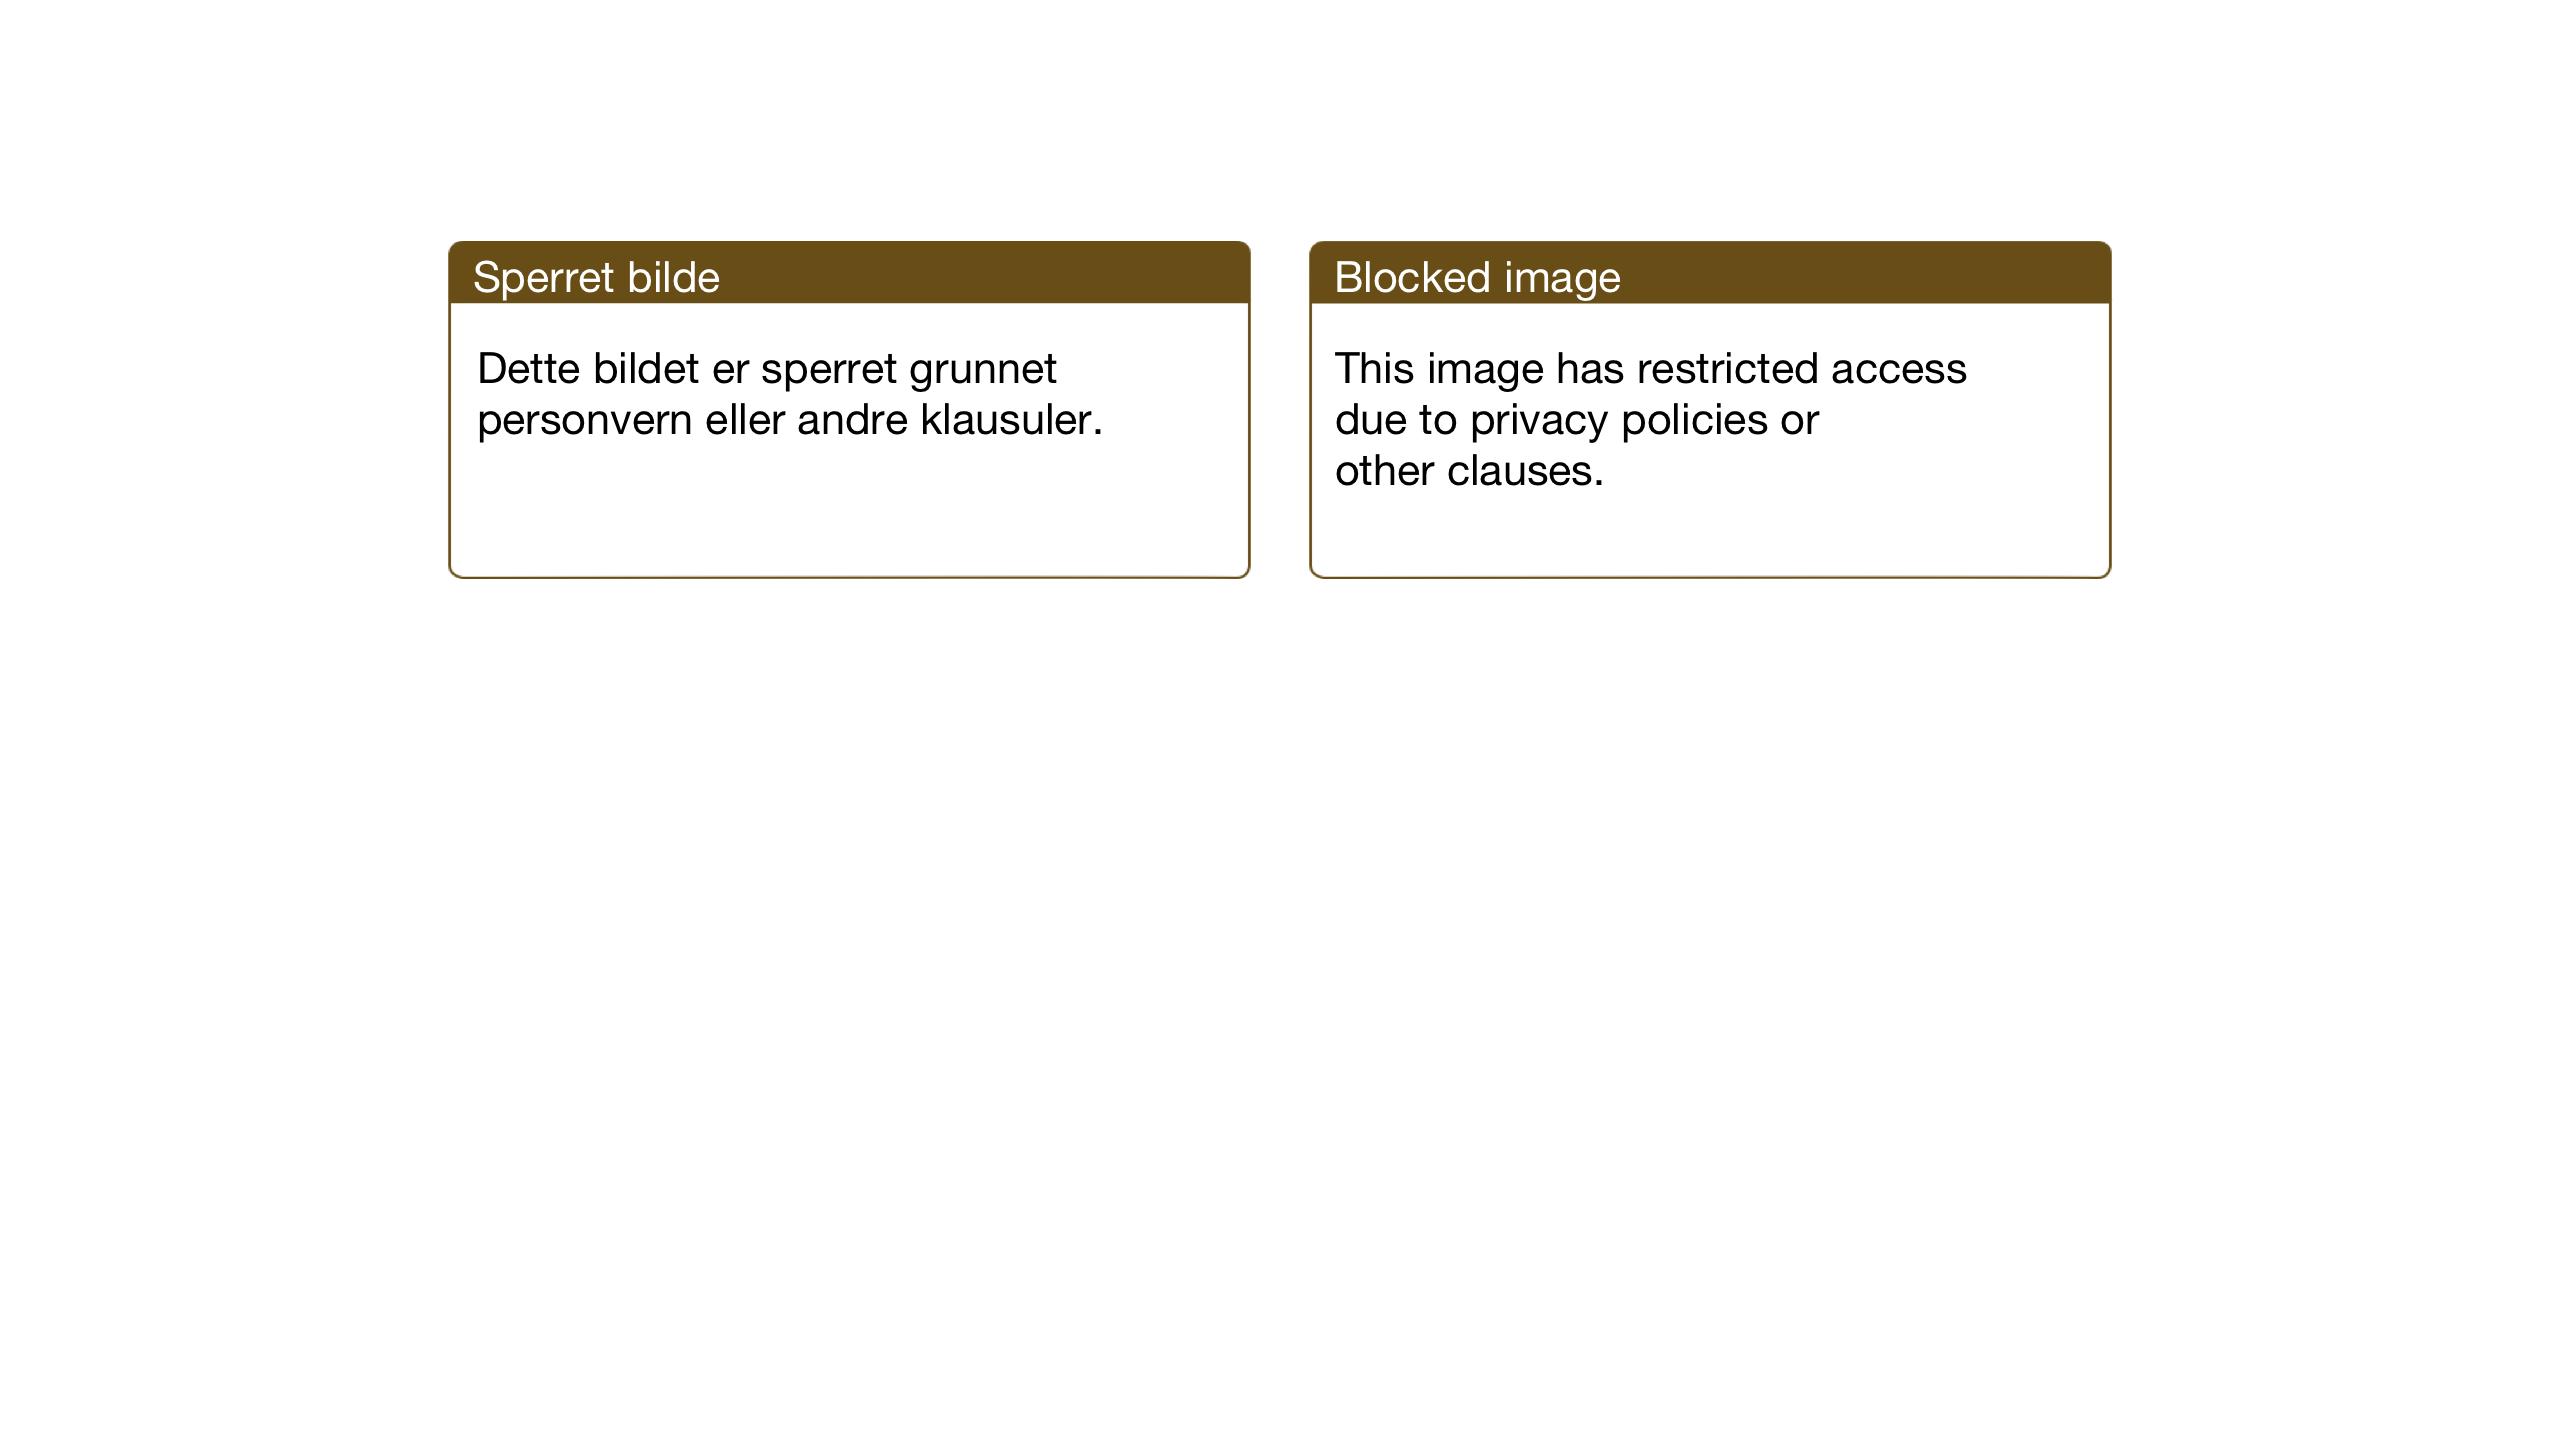 SAT, Ministerialprotokoller, klokkerbøker og fødselsregistre - Sør-Trøndelag, 698/L1169: Klokkerbok nr. 698C06, 1930-1949, s. 31